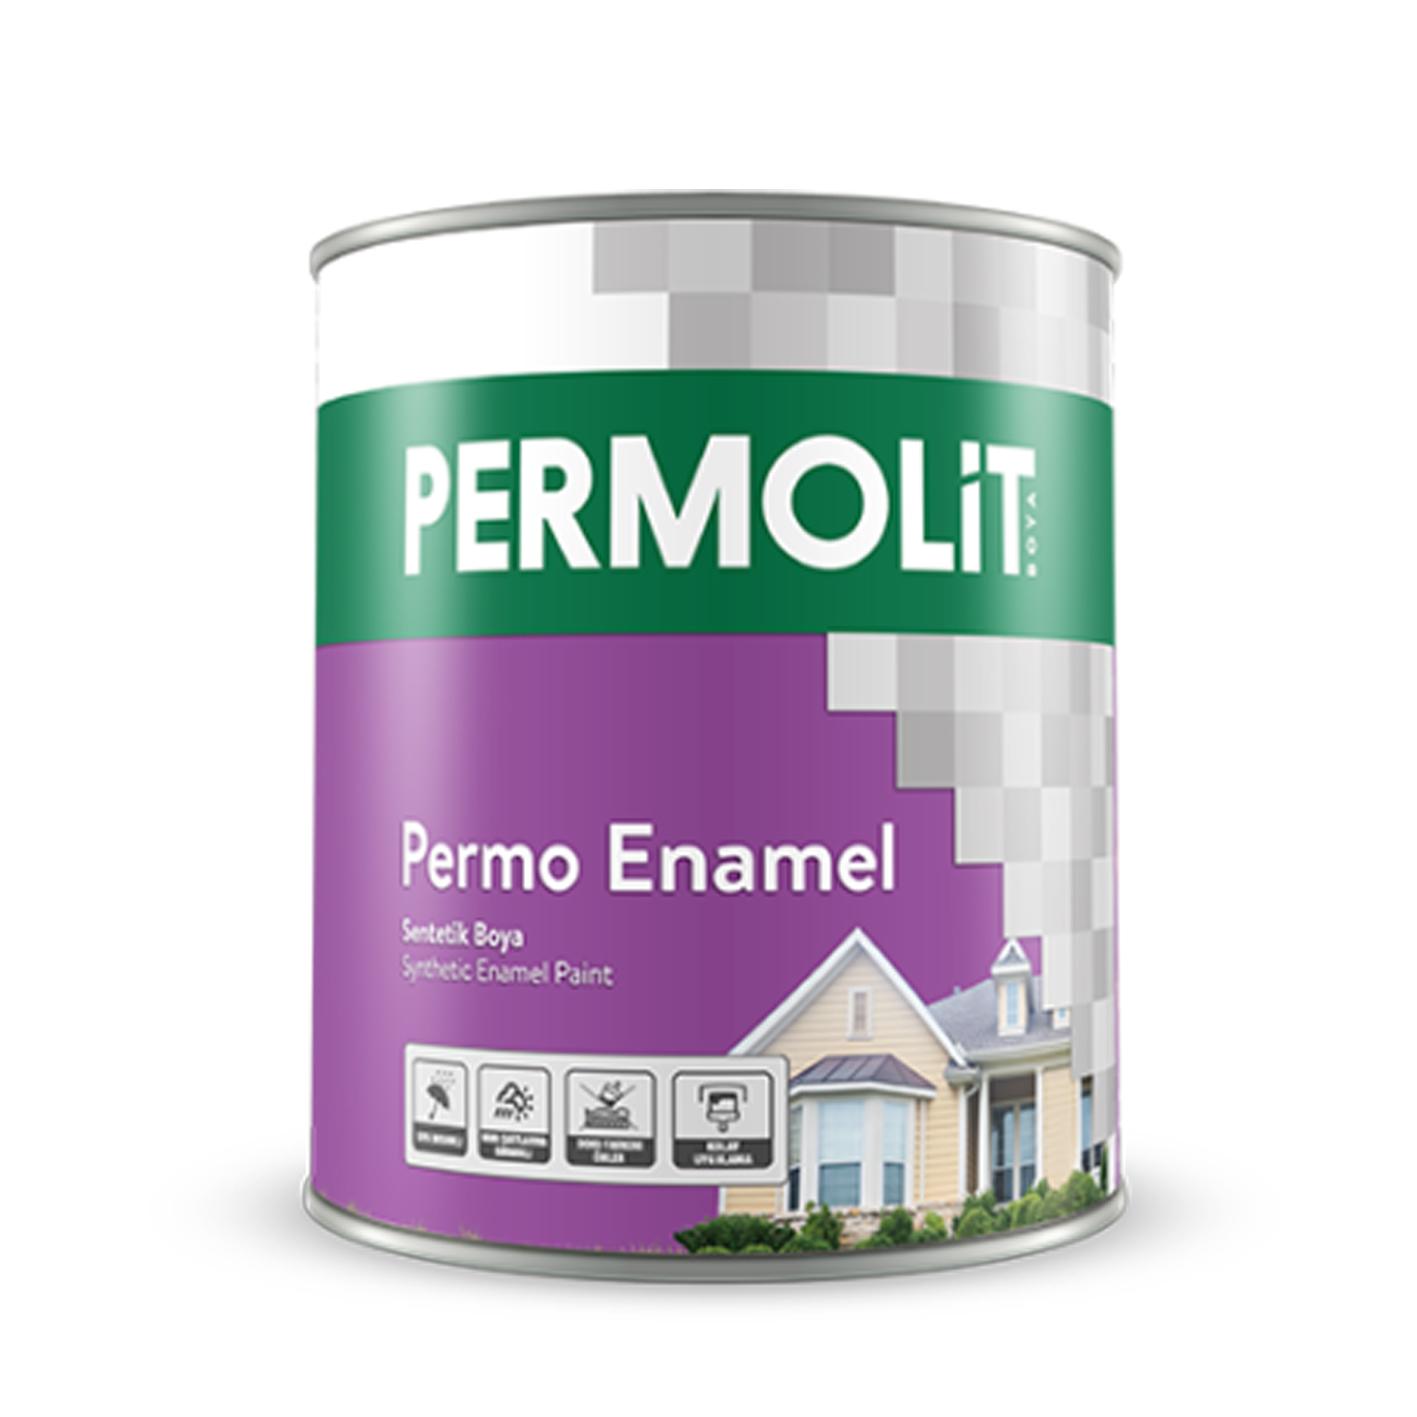 Permolit Permo Enamel Sentetik Beyaz 2.5Lt